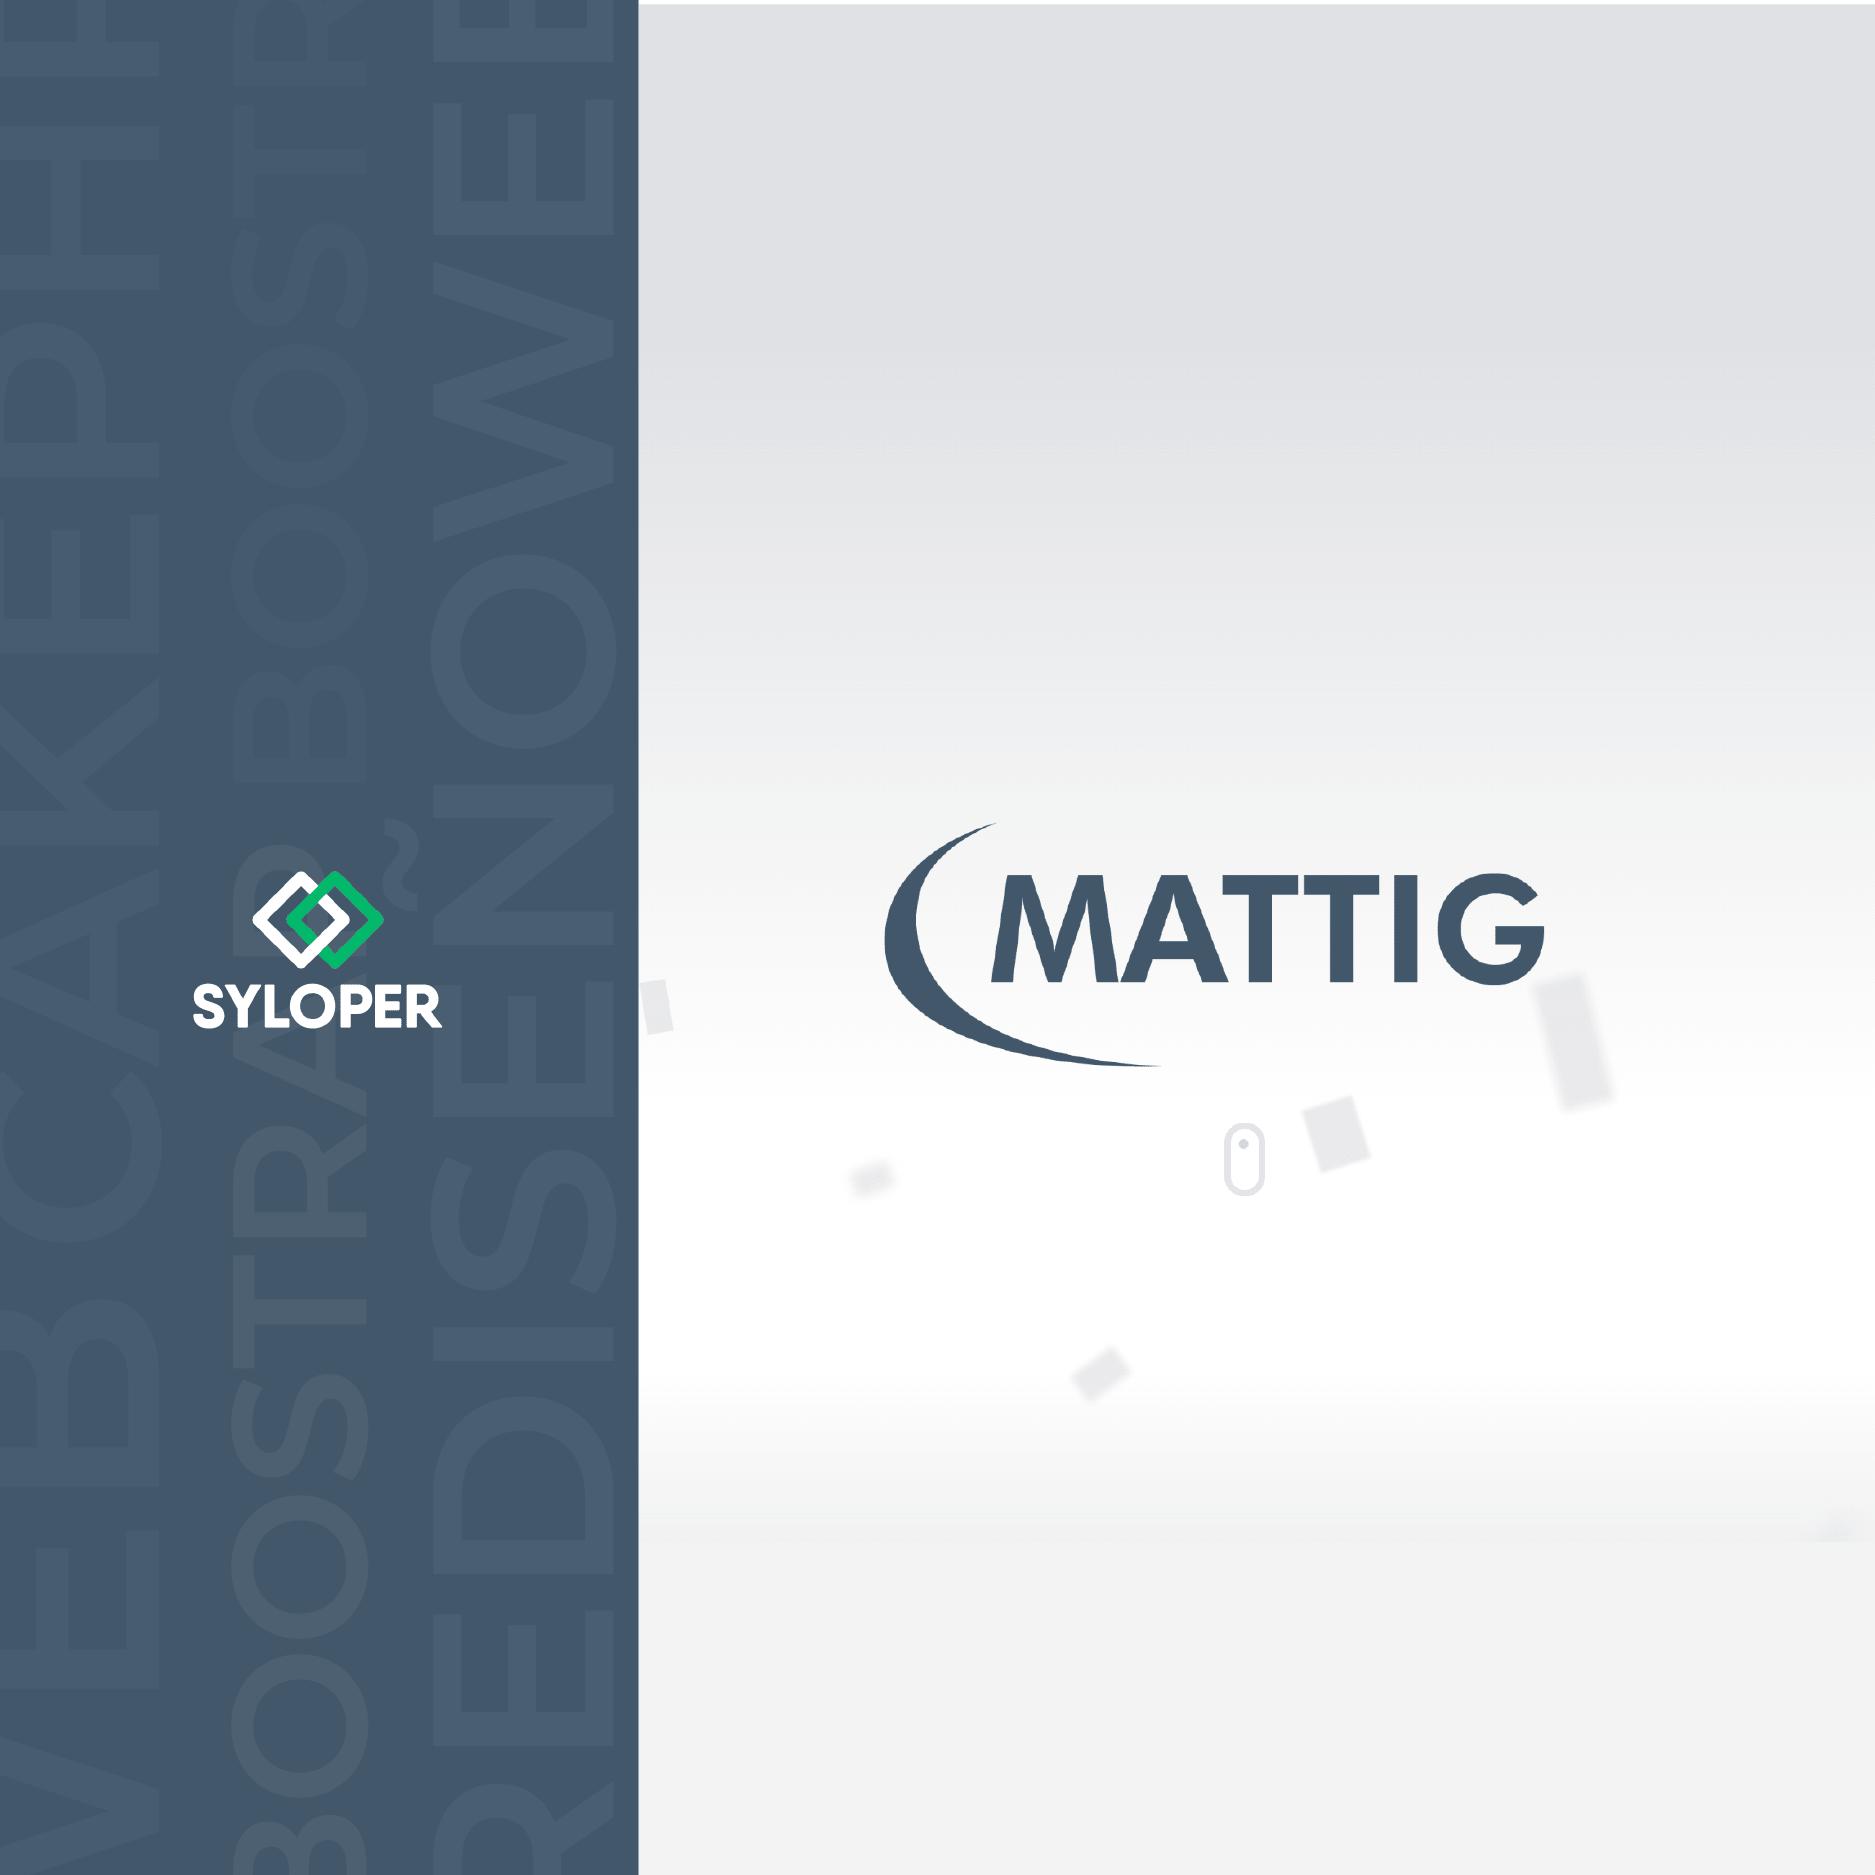 Mattig: renovación de sitio y rediseño de logo